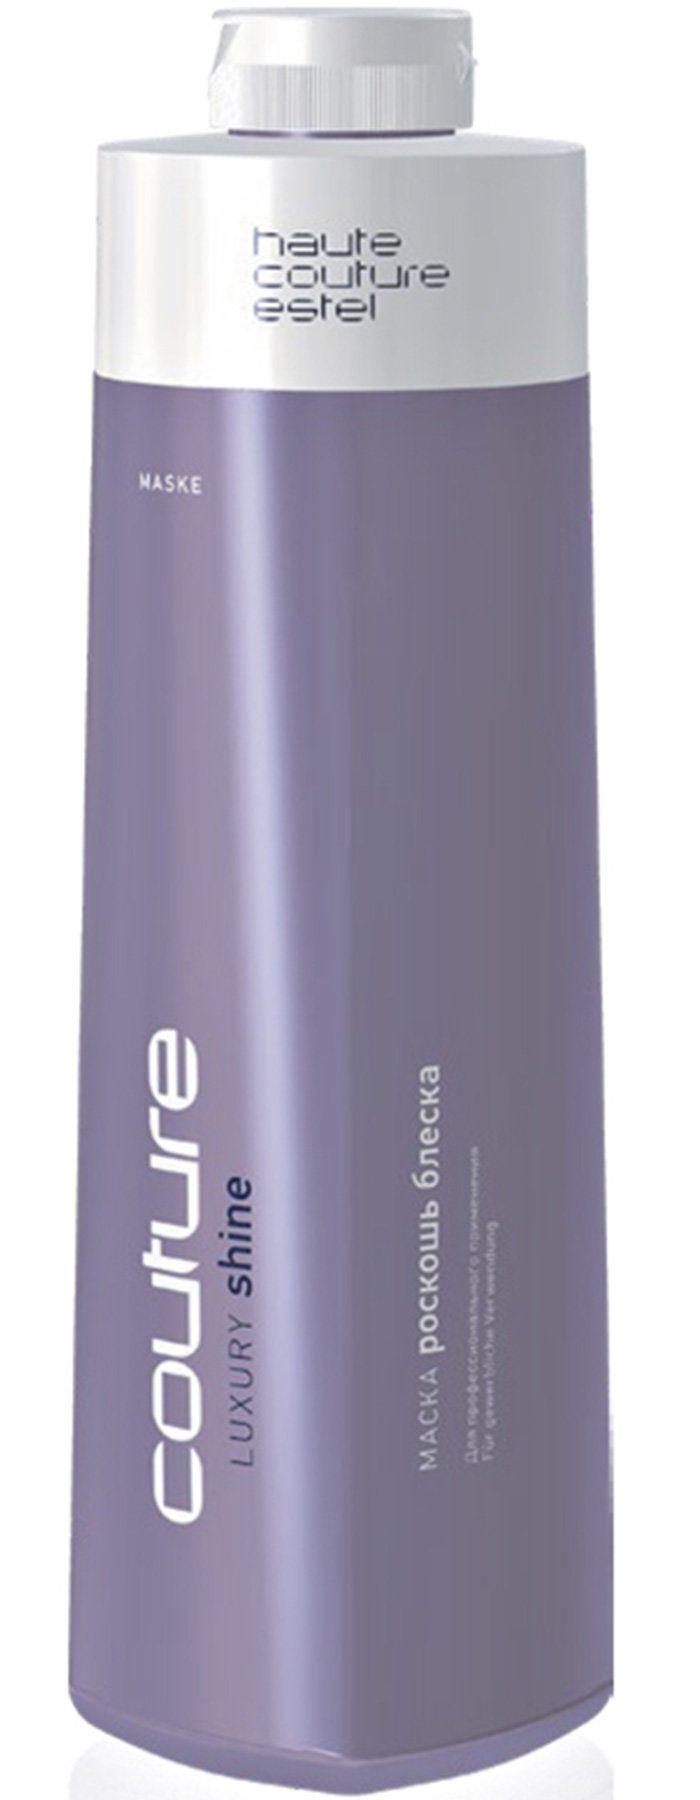 Купить ESTEL HAUTE COUTURE Маска для волос / LUXURY SHINE 1000 мл